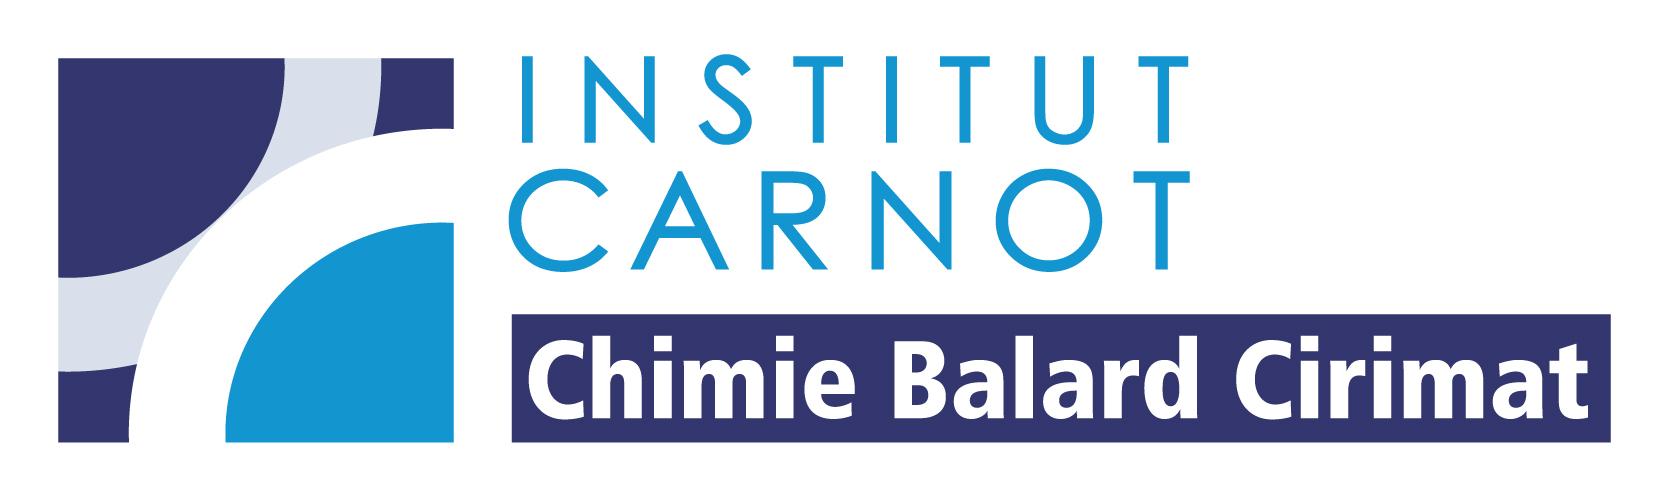 logo_carnot_cirimat